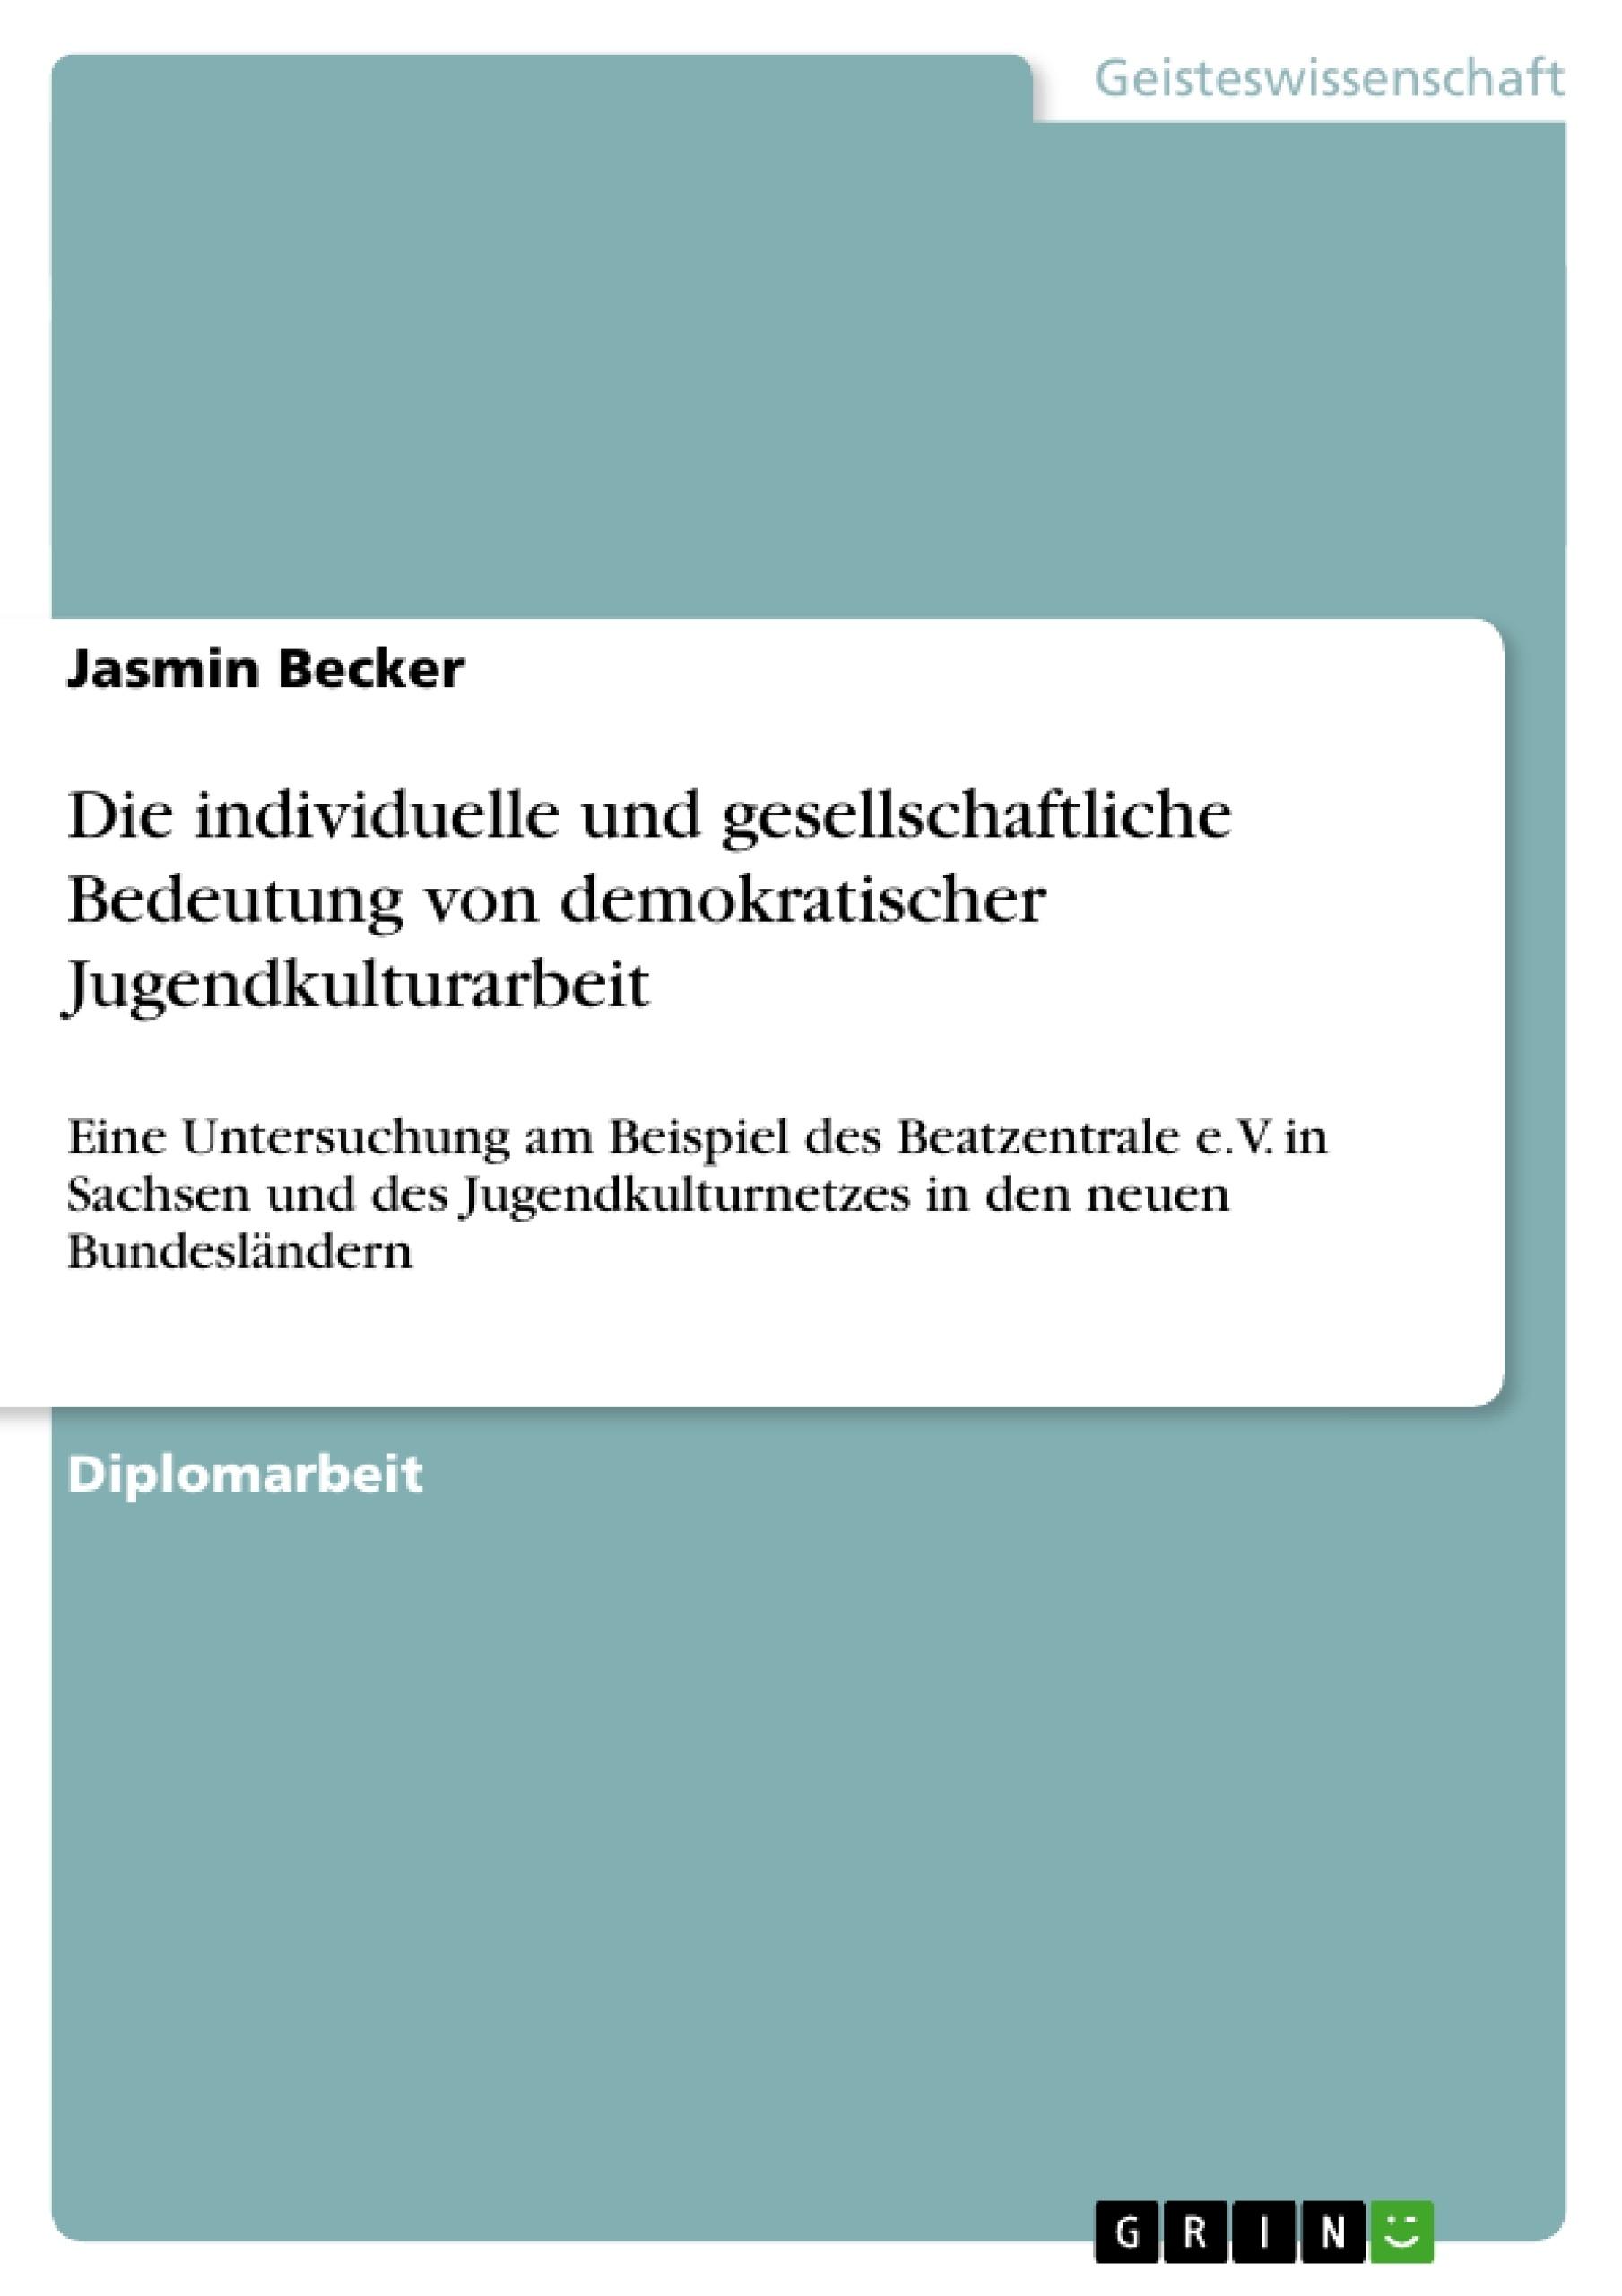 Titel: Die individuelle und gesellschaftliche Bedeutung von demokratischer Jugendkulturarbeit